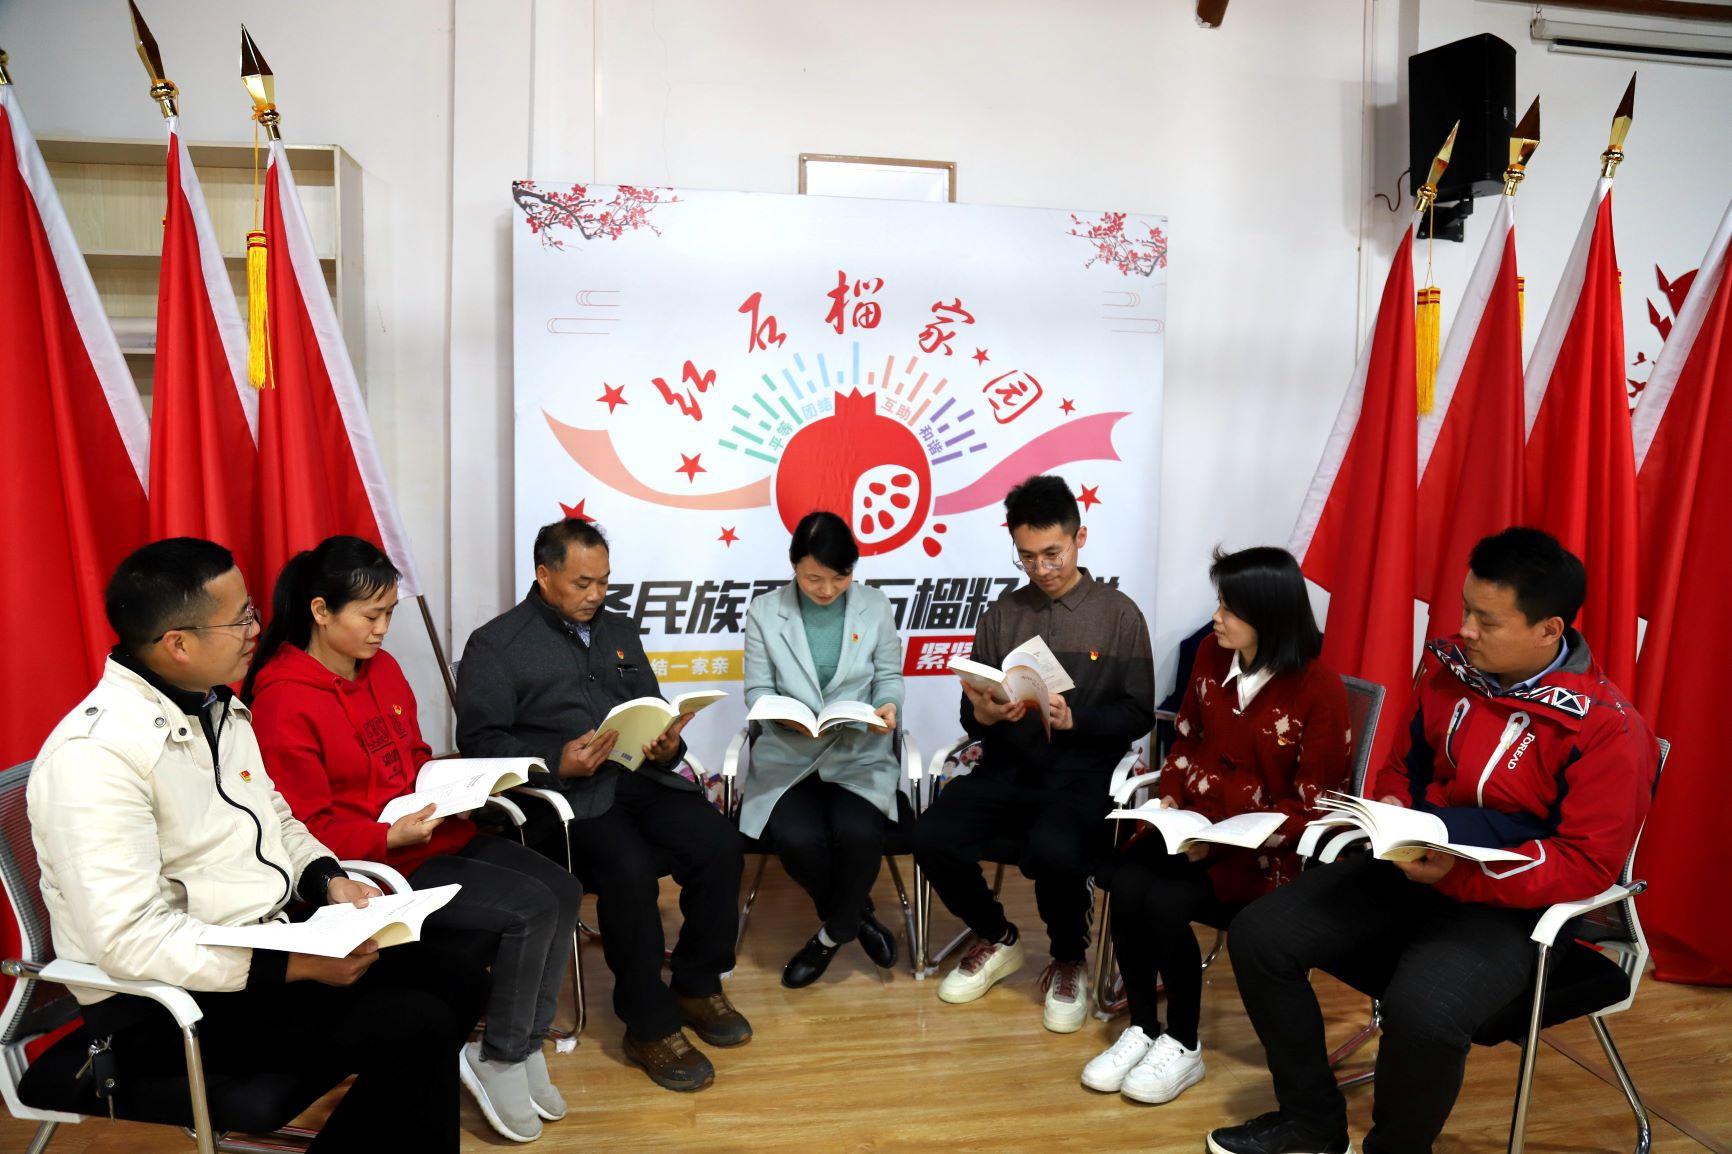 """南京市高淳区桠溪街道组织开展以""""民族团结一家亲 学习党史守初心""""为主题的学习教育活动"""